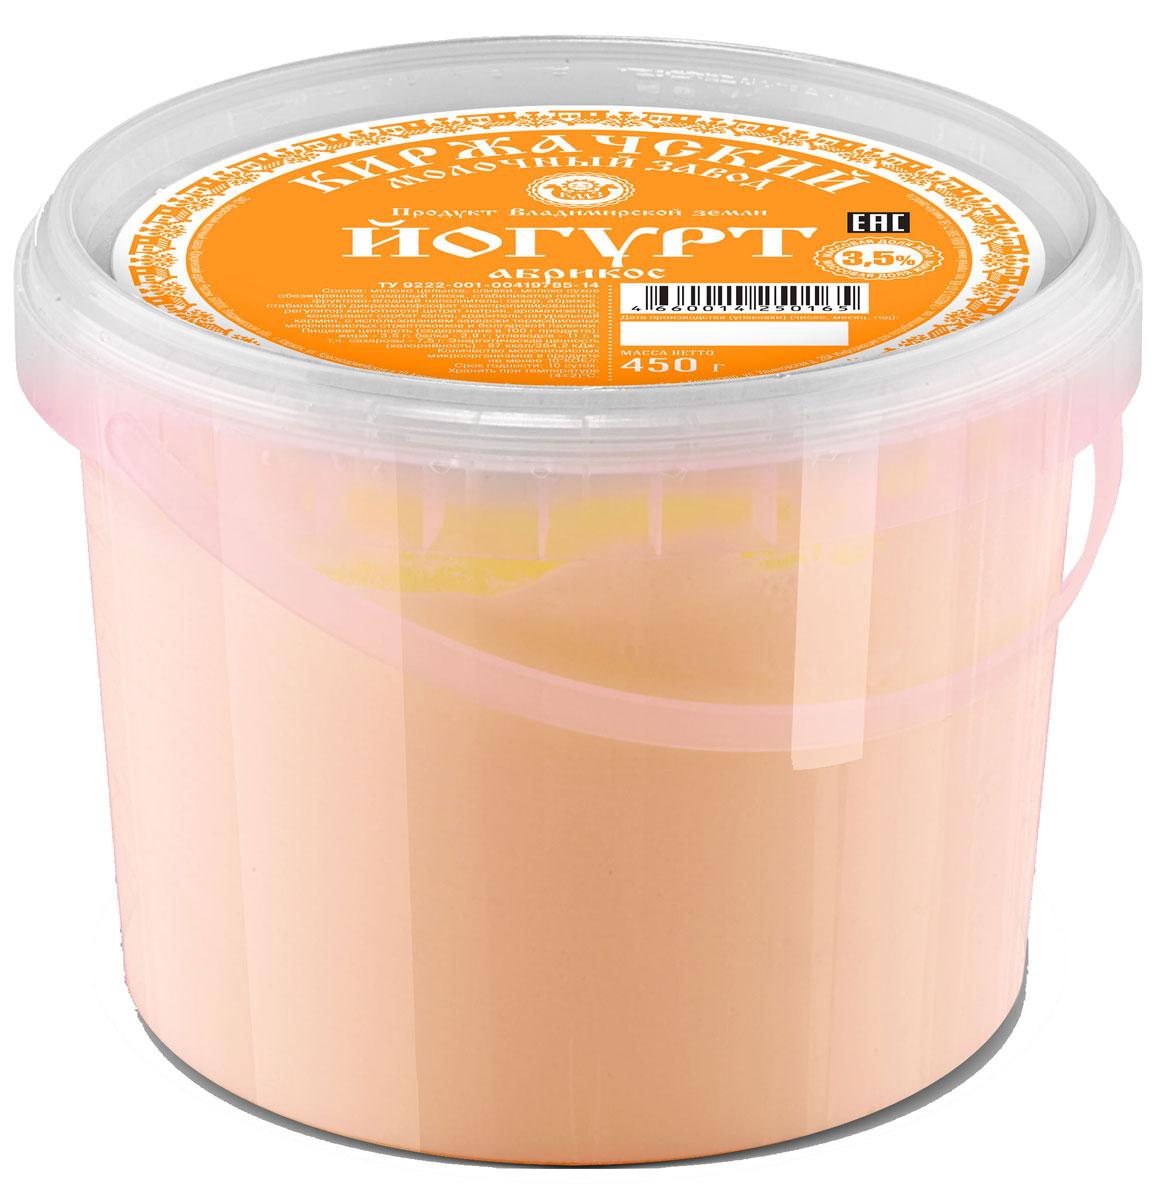 Киржачский МЗ Йогурт Абрикосовый, 3,5% , 450 г молочный стиль йогурт натуральный 2 5% 125 г